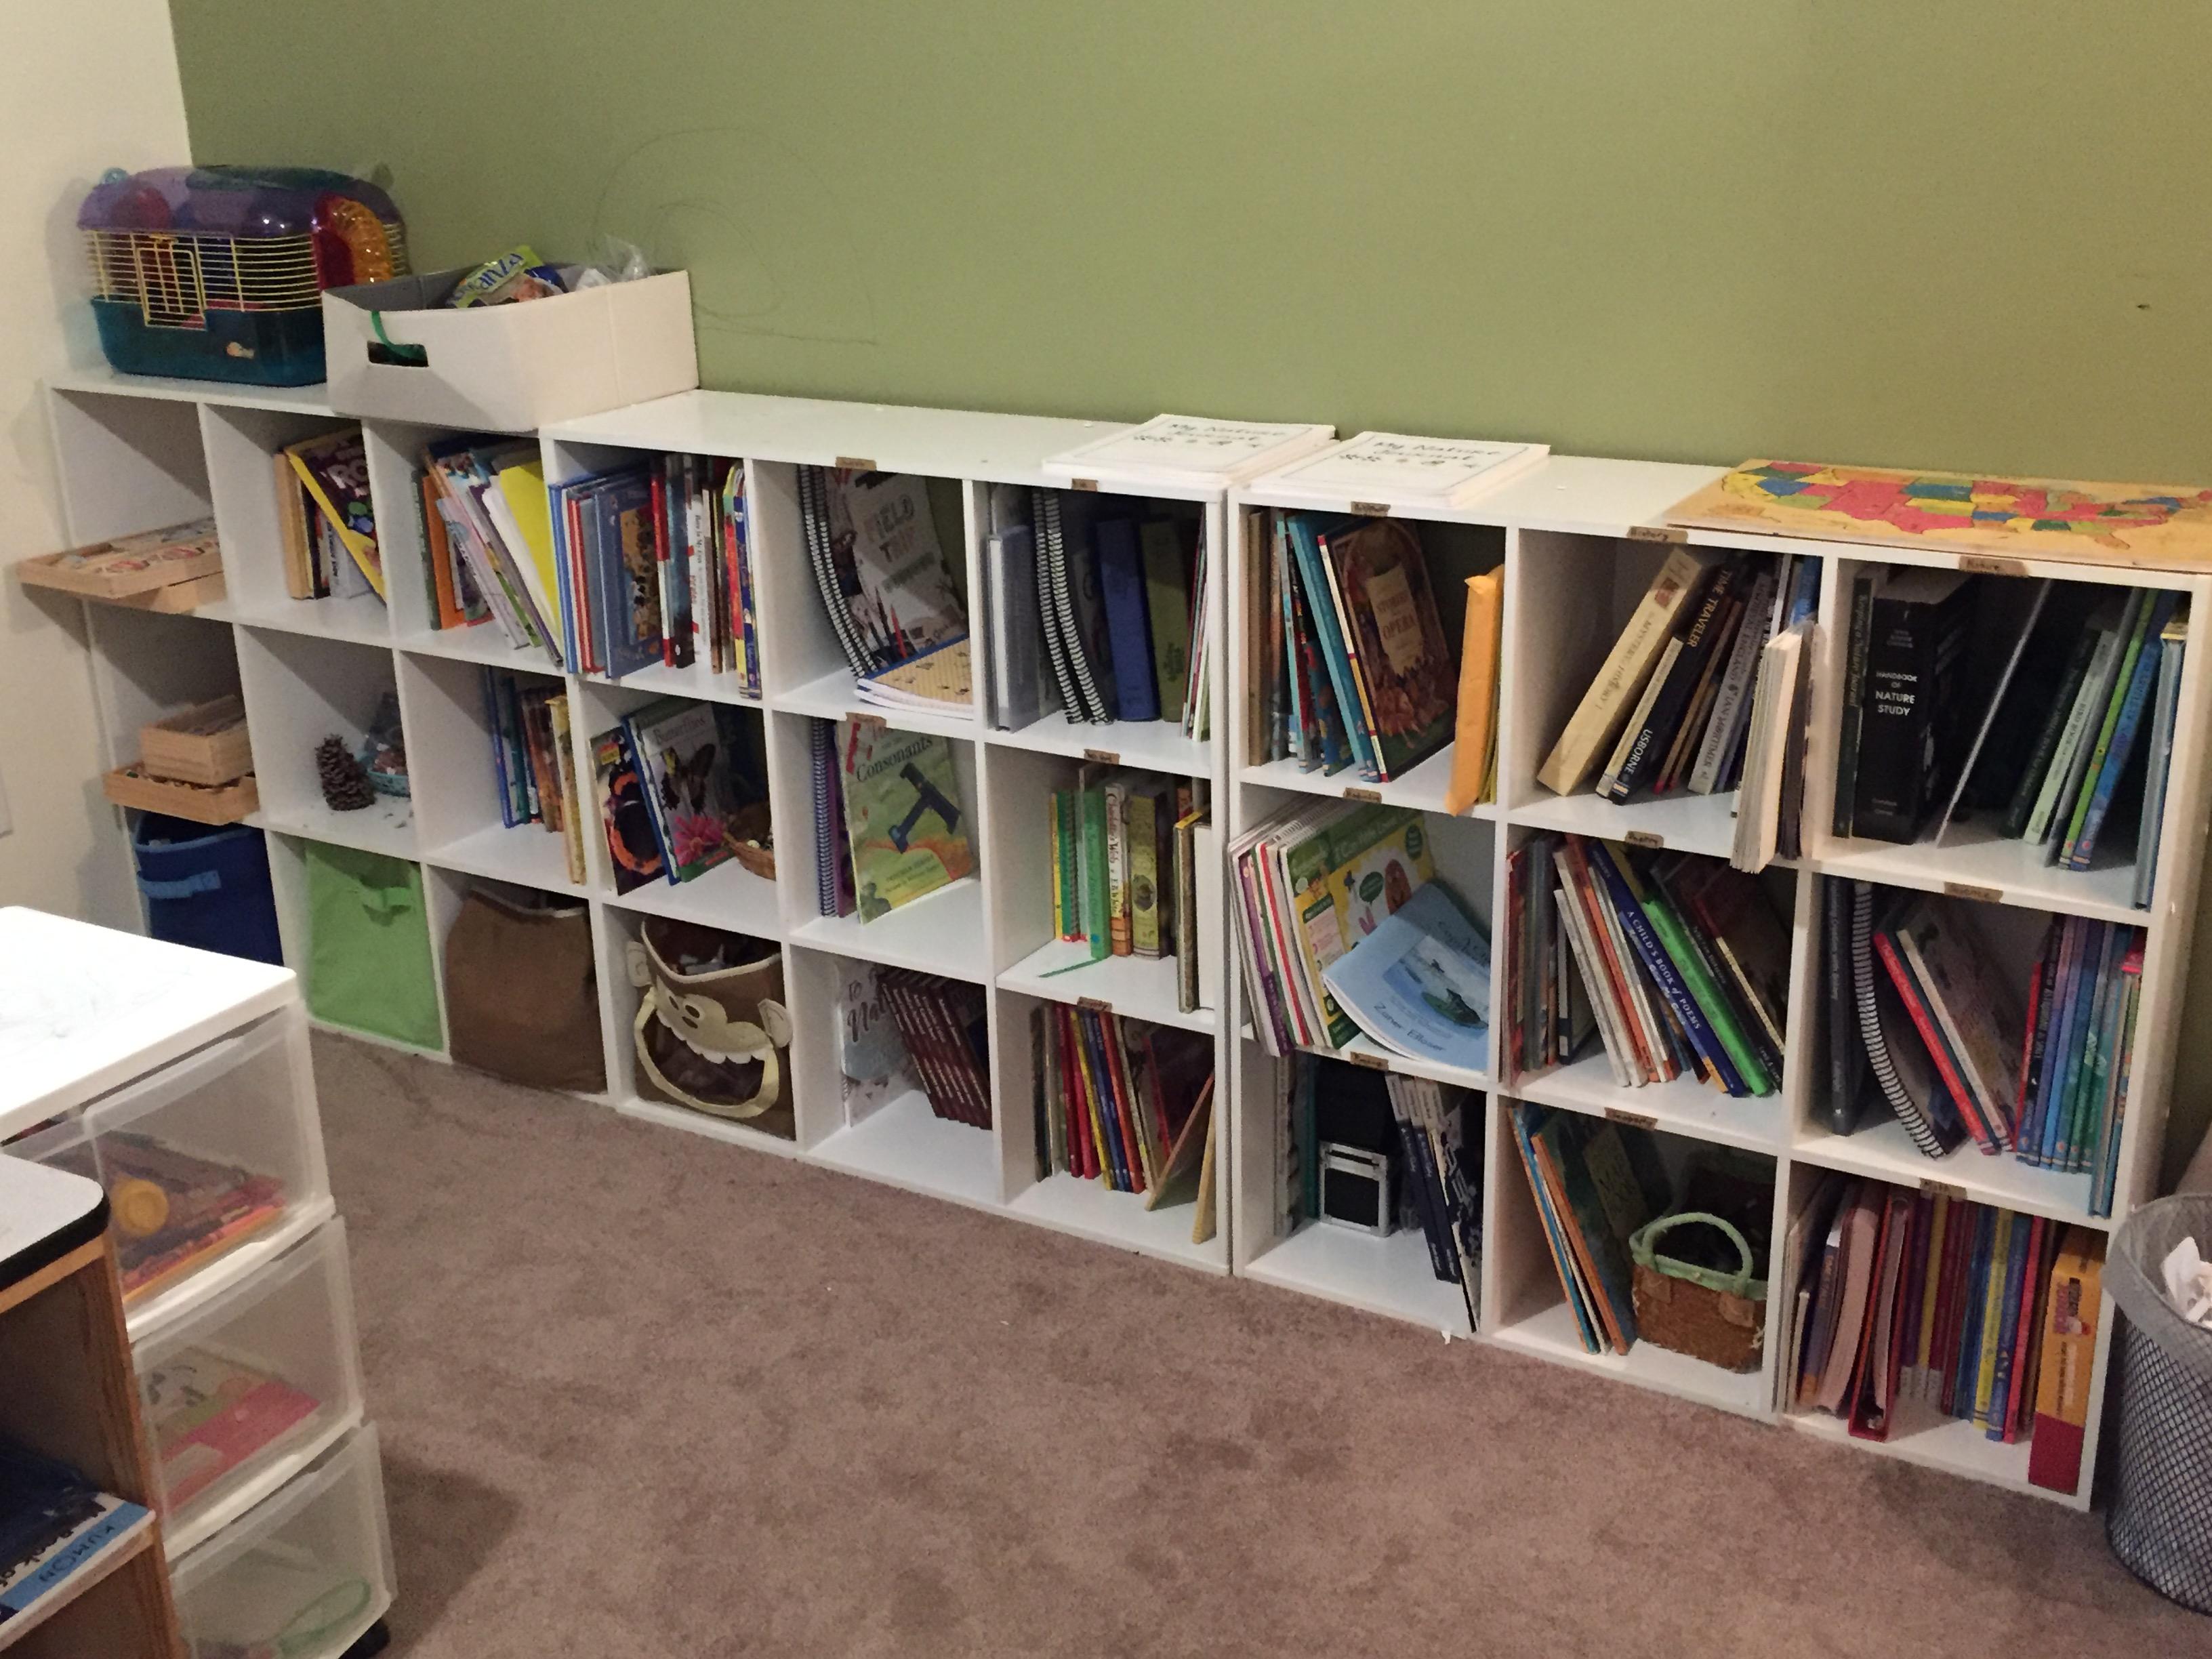 homeschool room shelving idea